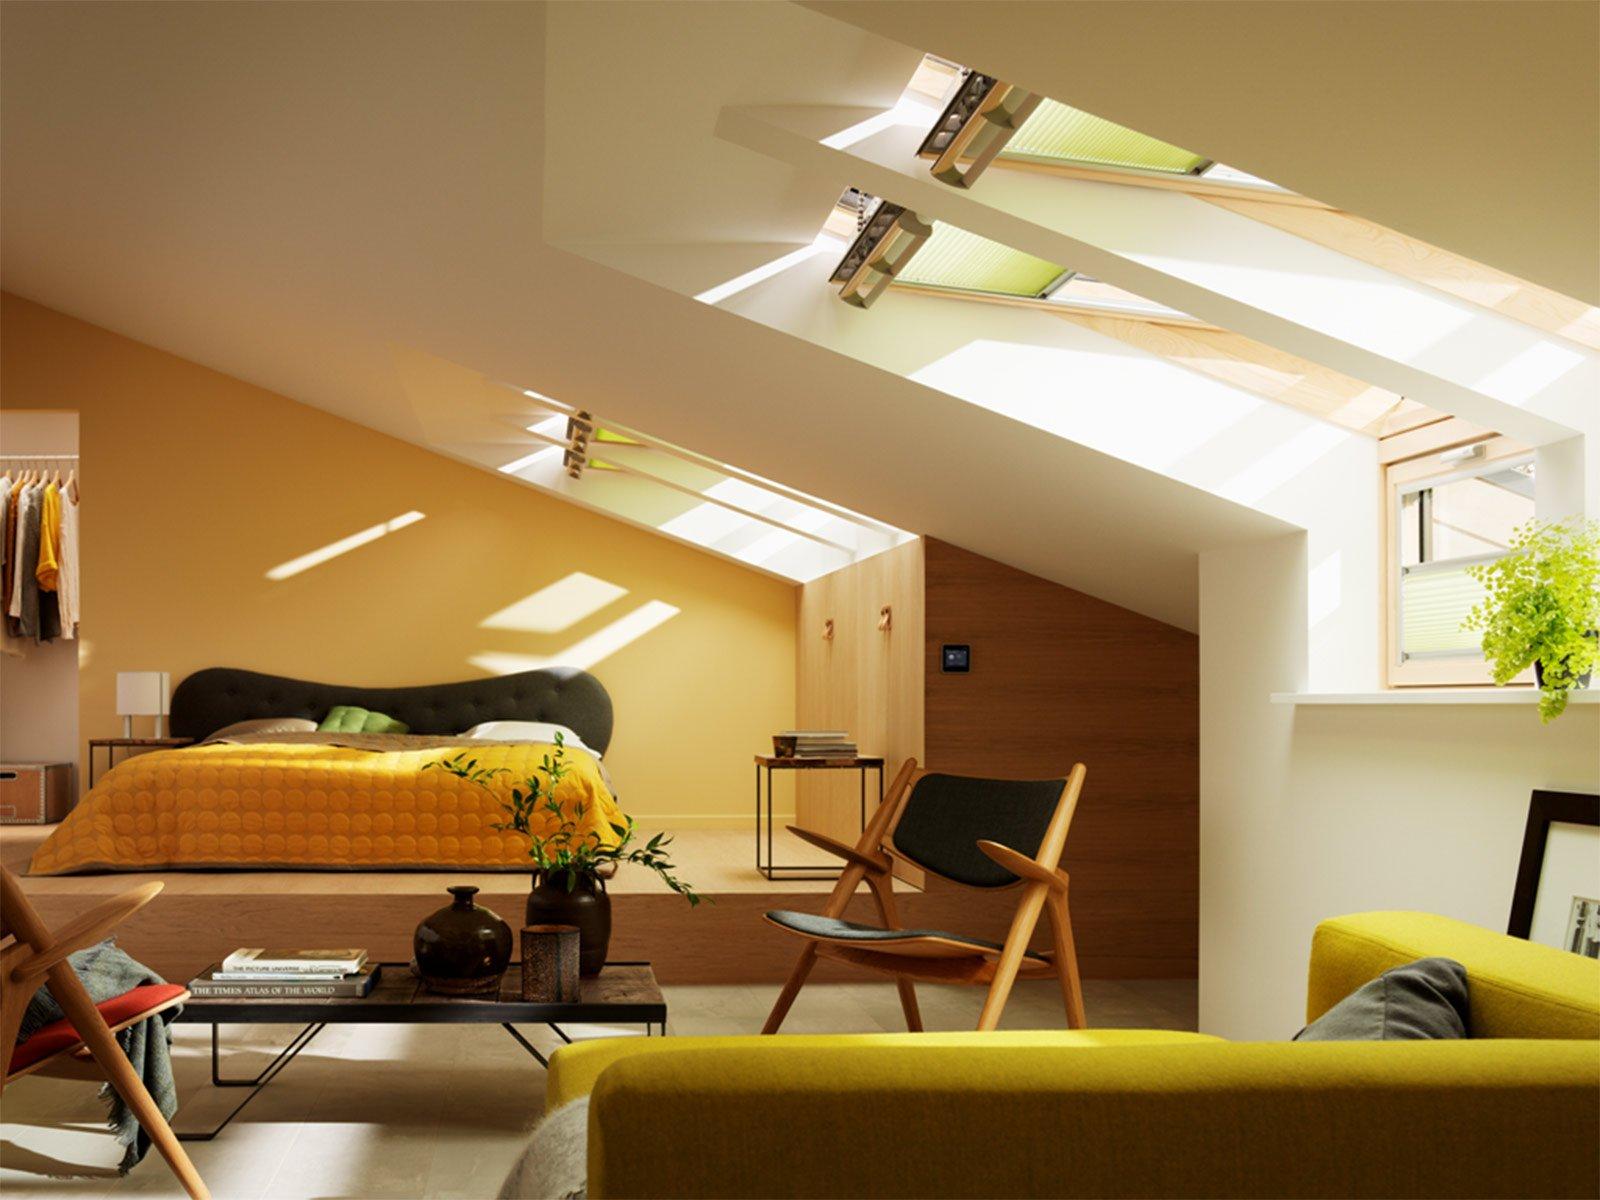 Illuminazione Soffitto In Legno: Una casa a contatto con la natura ...